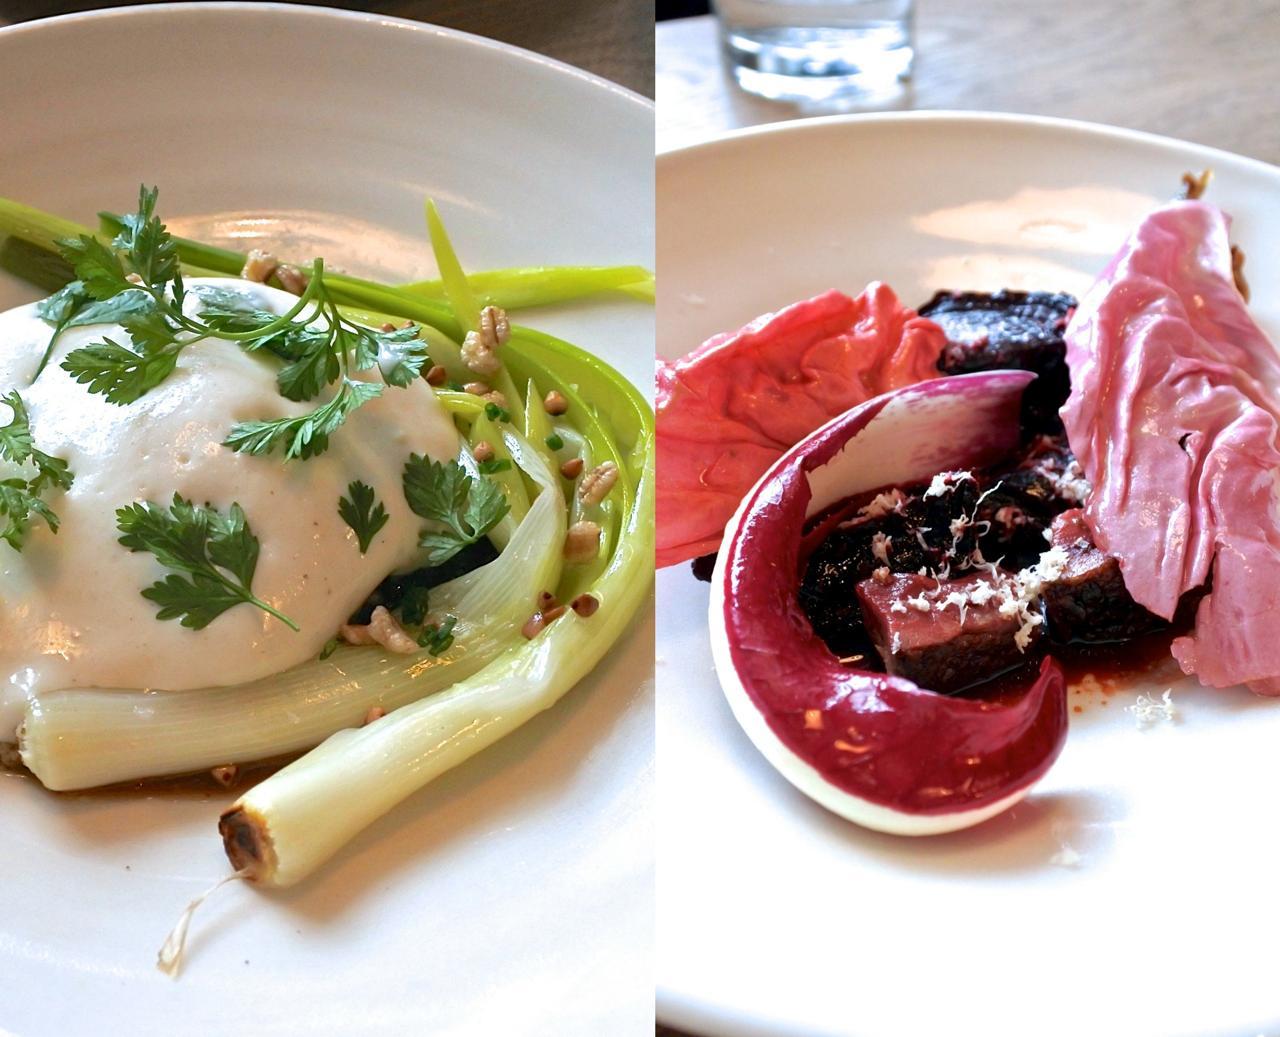 左はネギとポーチドエッグ、右はラディッキオとビートルートのサラダ。それぞれに工夫あり♪